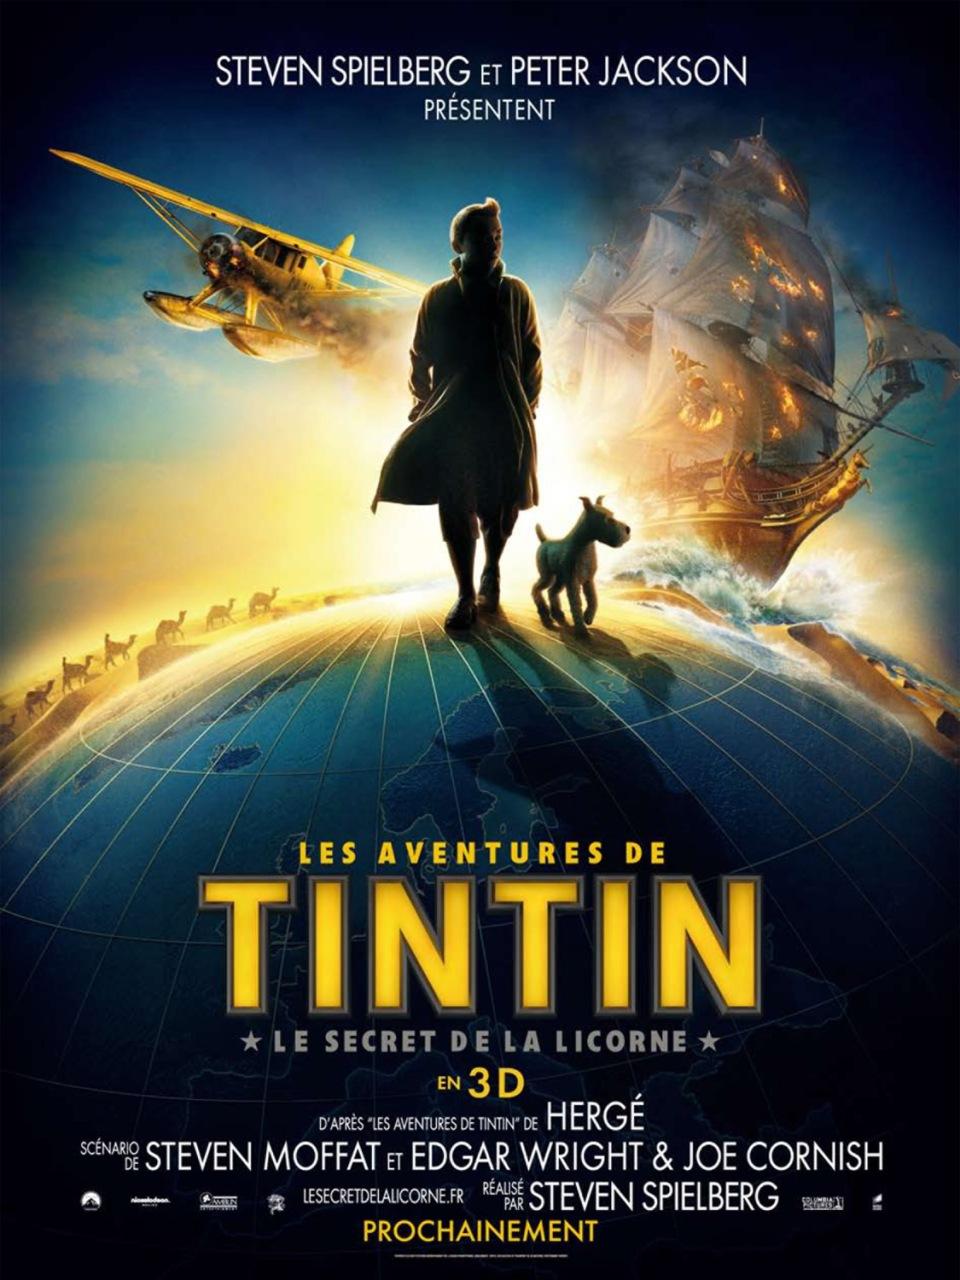 affiche-Les-Aventures-de-Tintin-Le-Secret-de-la-licorne-The-Adventures-of-Tintin-Secret-of-the-Unicorn-2010-1